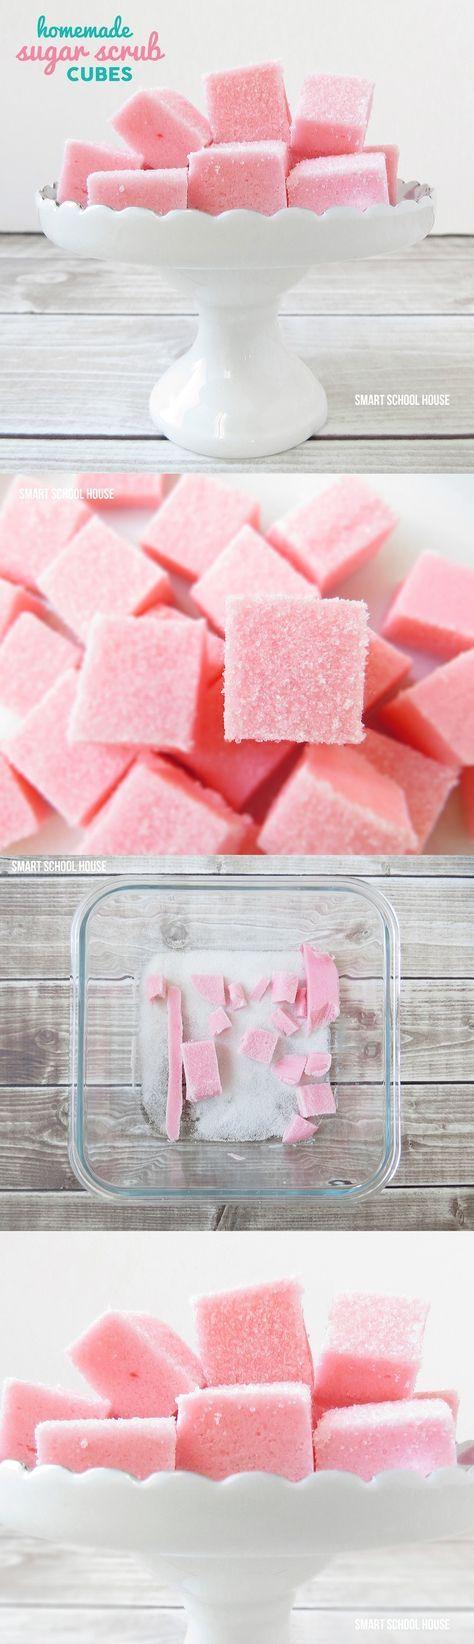 Una forma rápida y fácil de hacer Azúcar Exfoliante Cubos. Una idea del regalo de DIY perfecto!